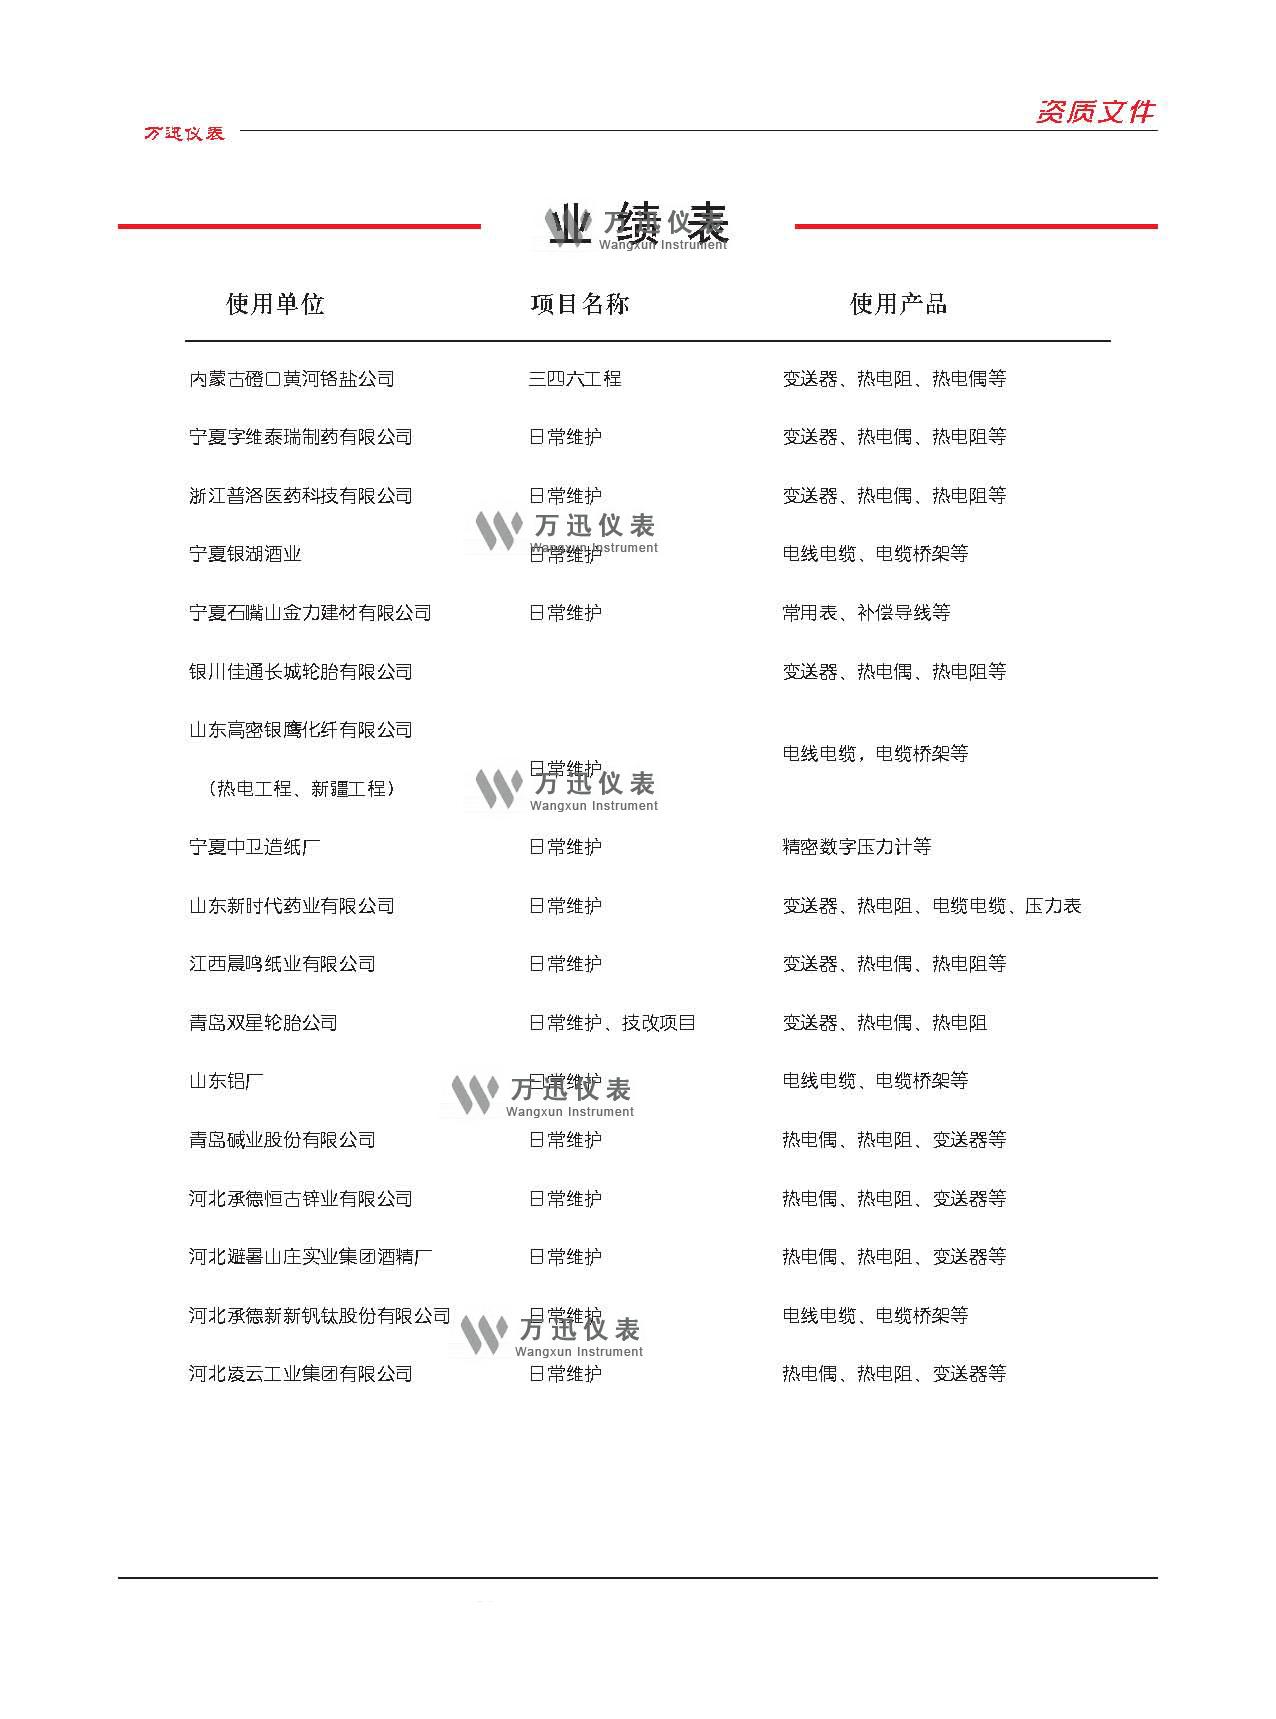 江苏万迅万博体育max首页有限公司业绩(4)